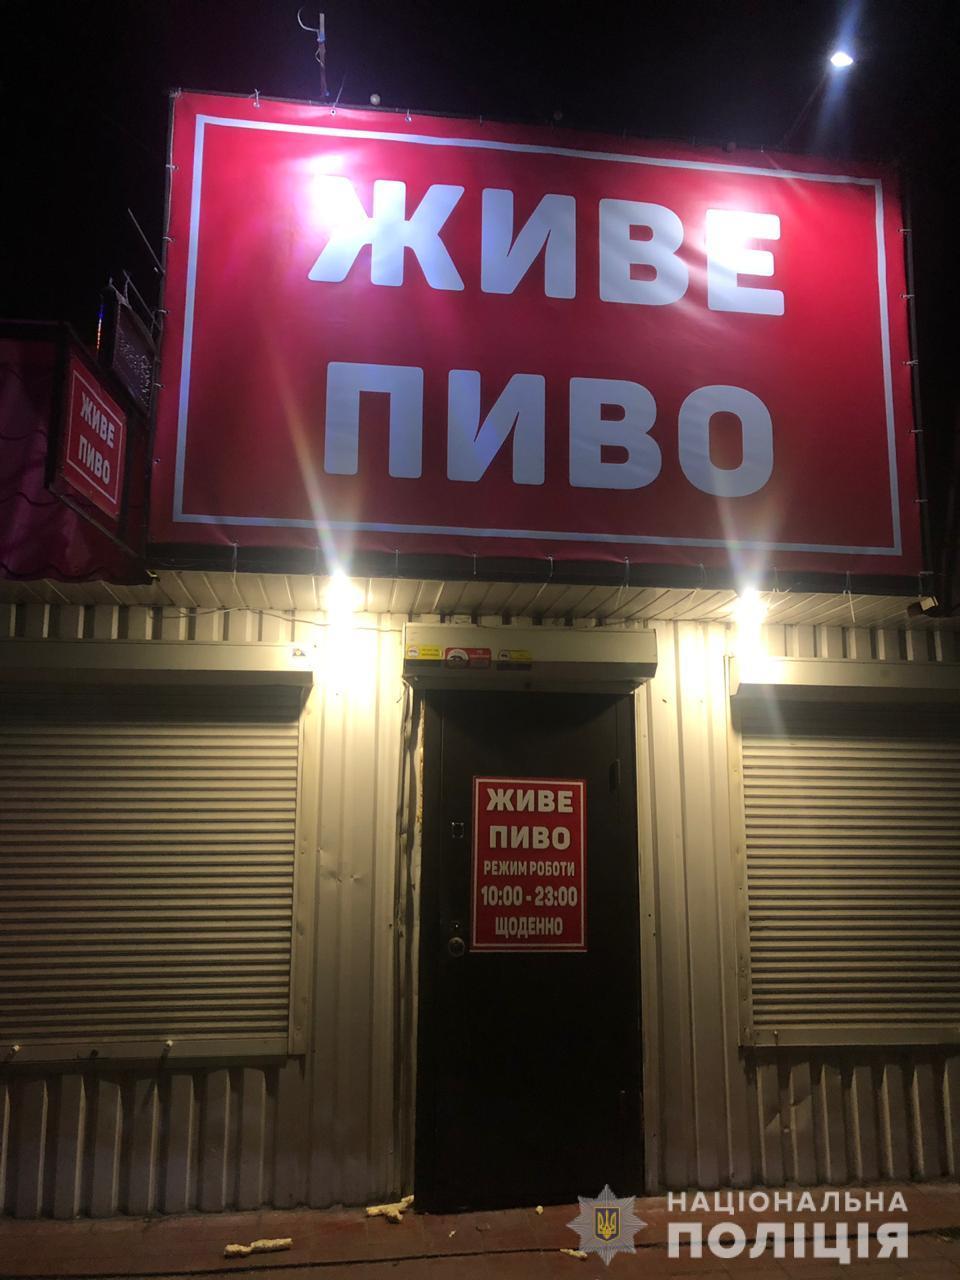 Под Киевом полицейские пришли в пивной магазин и нашли там игровые автоматы